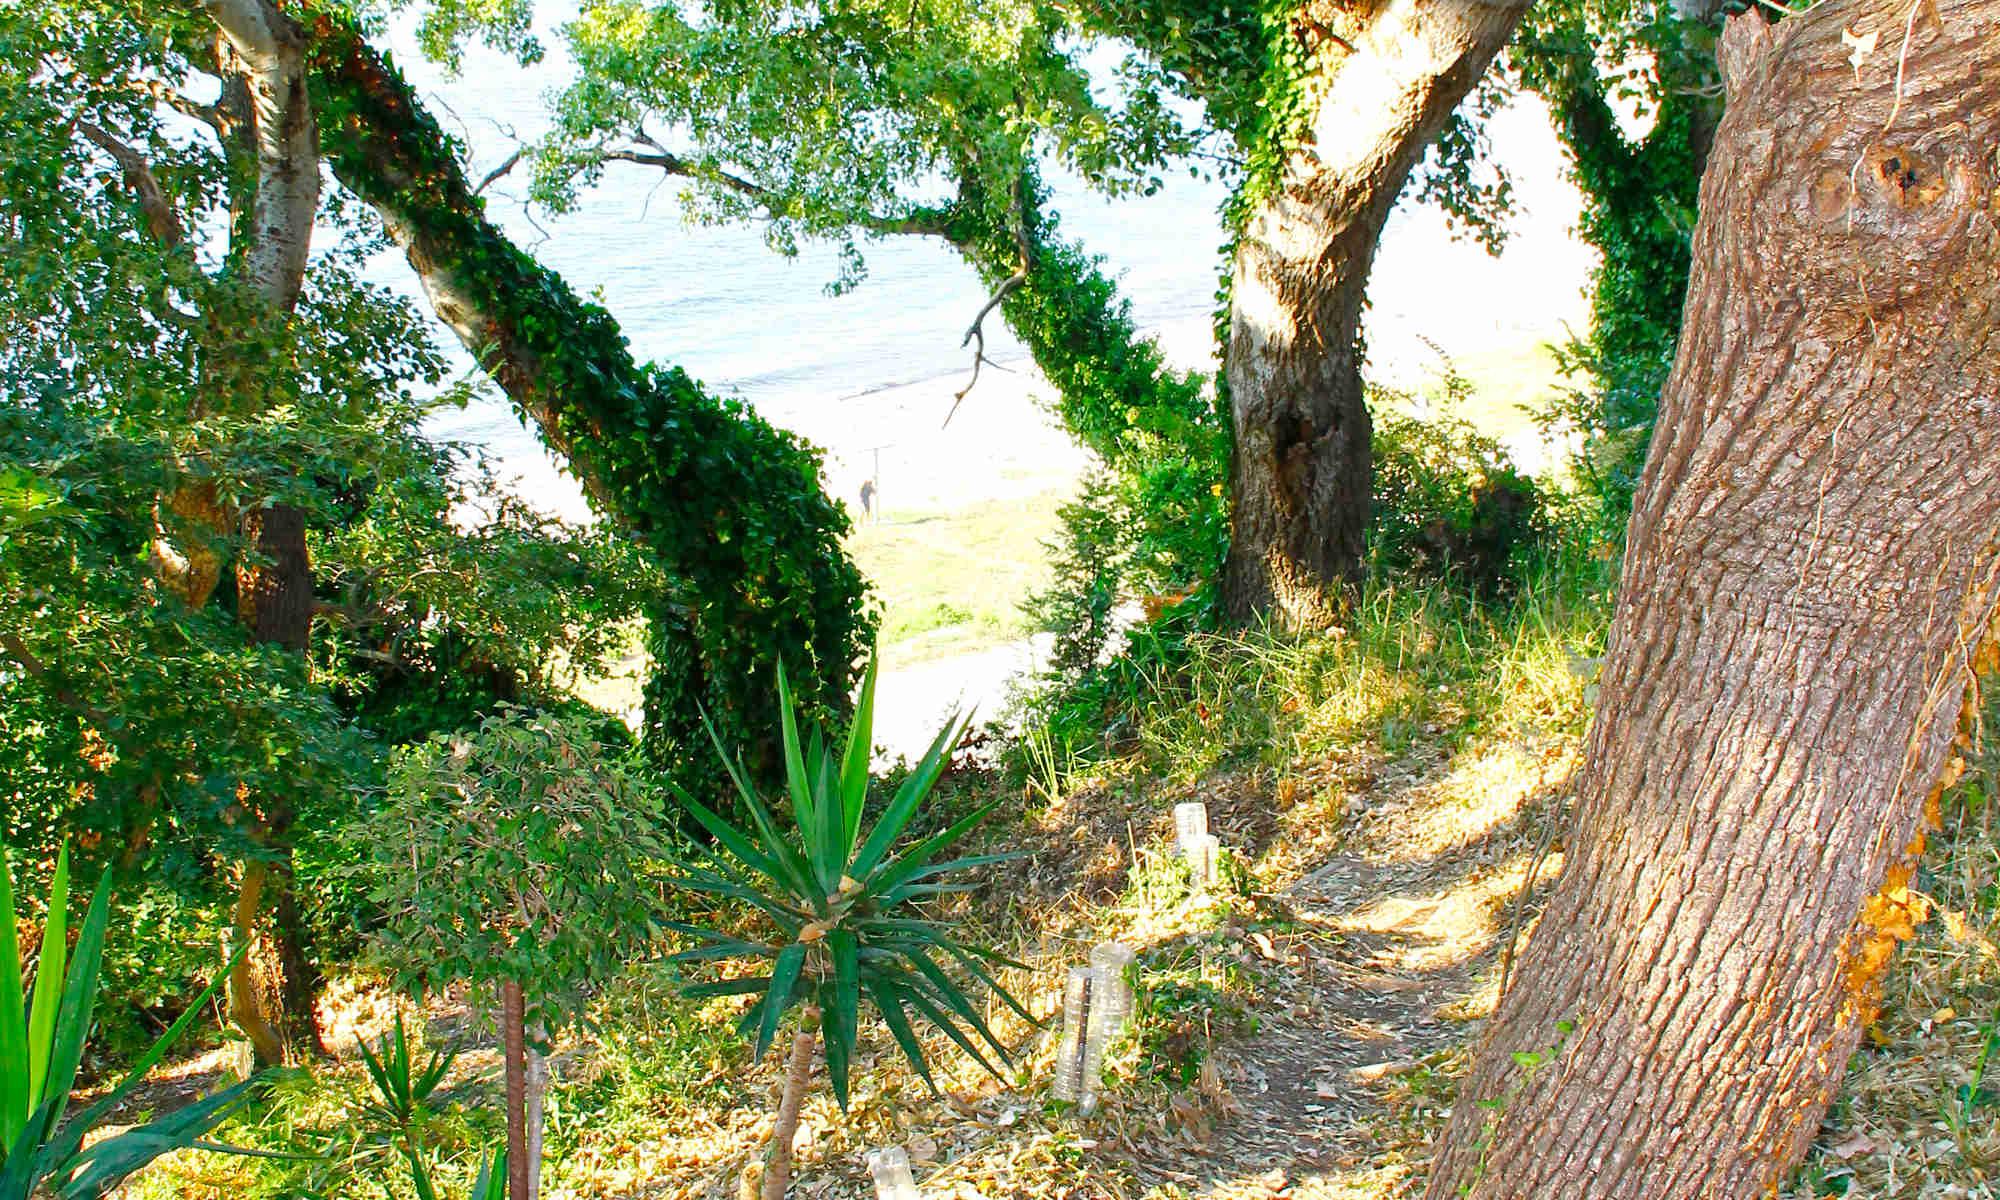 Τα σκαλάκια... από τον παράδεισο του κήπου μας στο απέραντο γαλάζιο του Ιονίου! - http://anixipreveza.gr